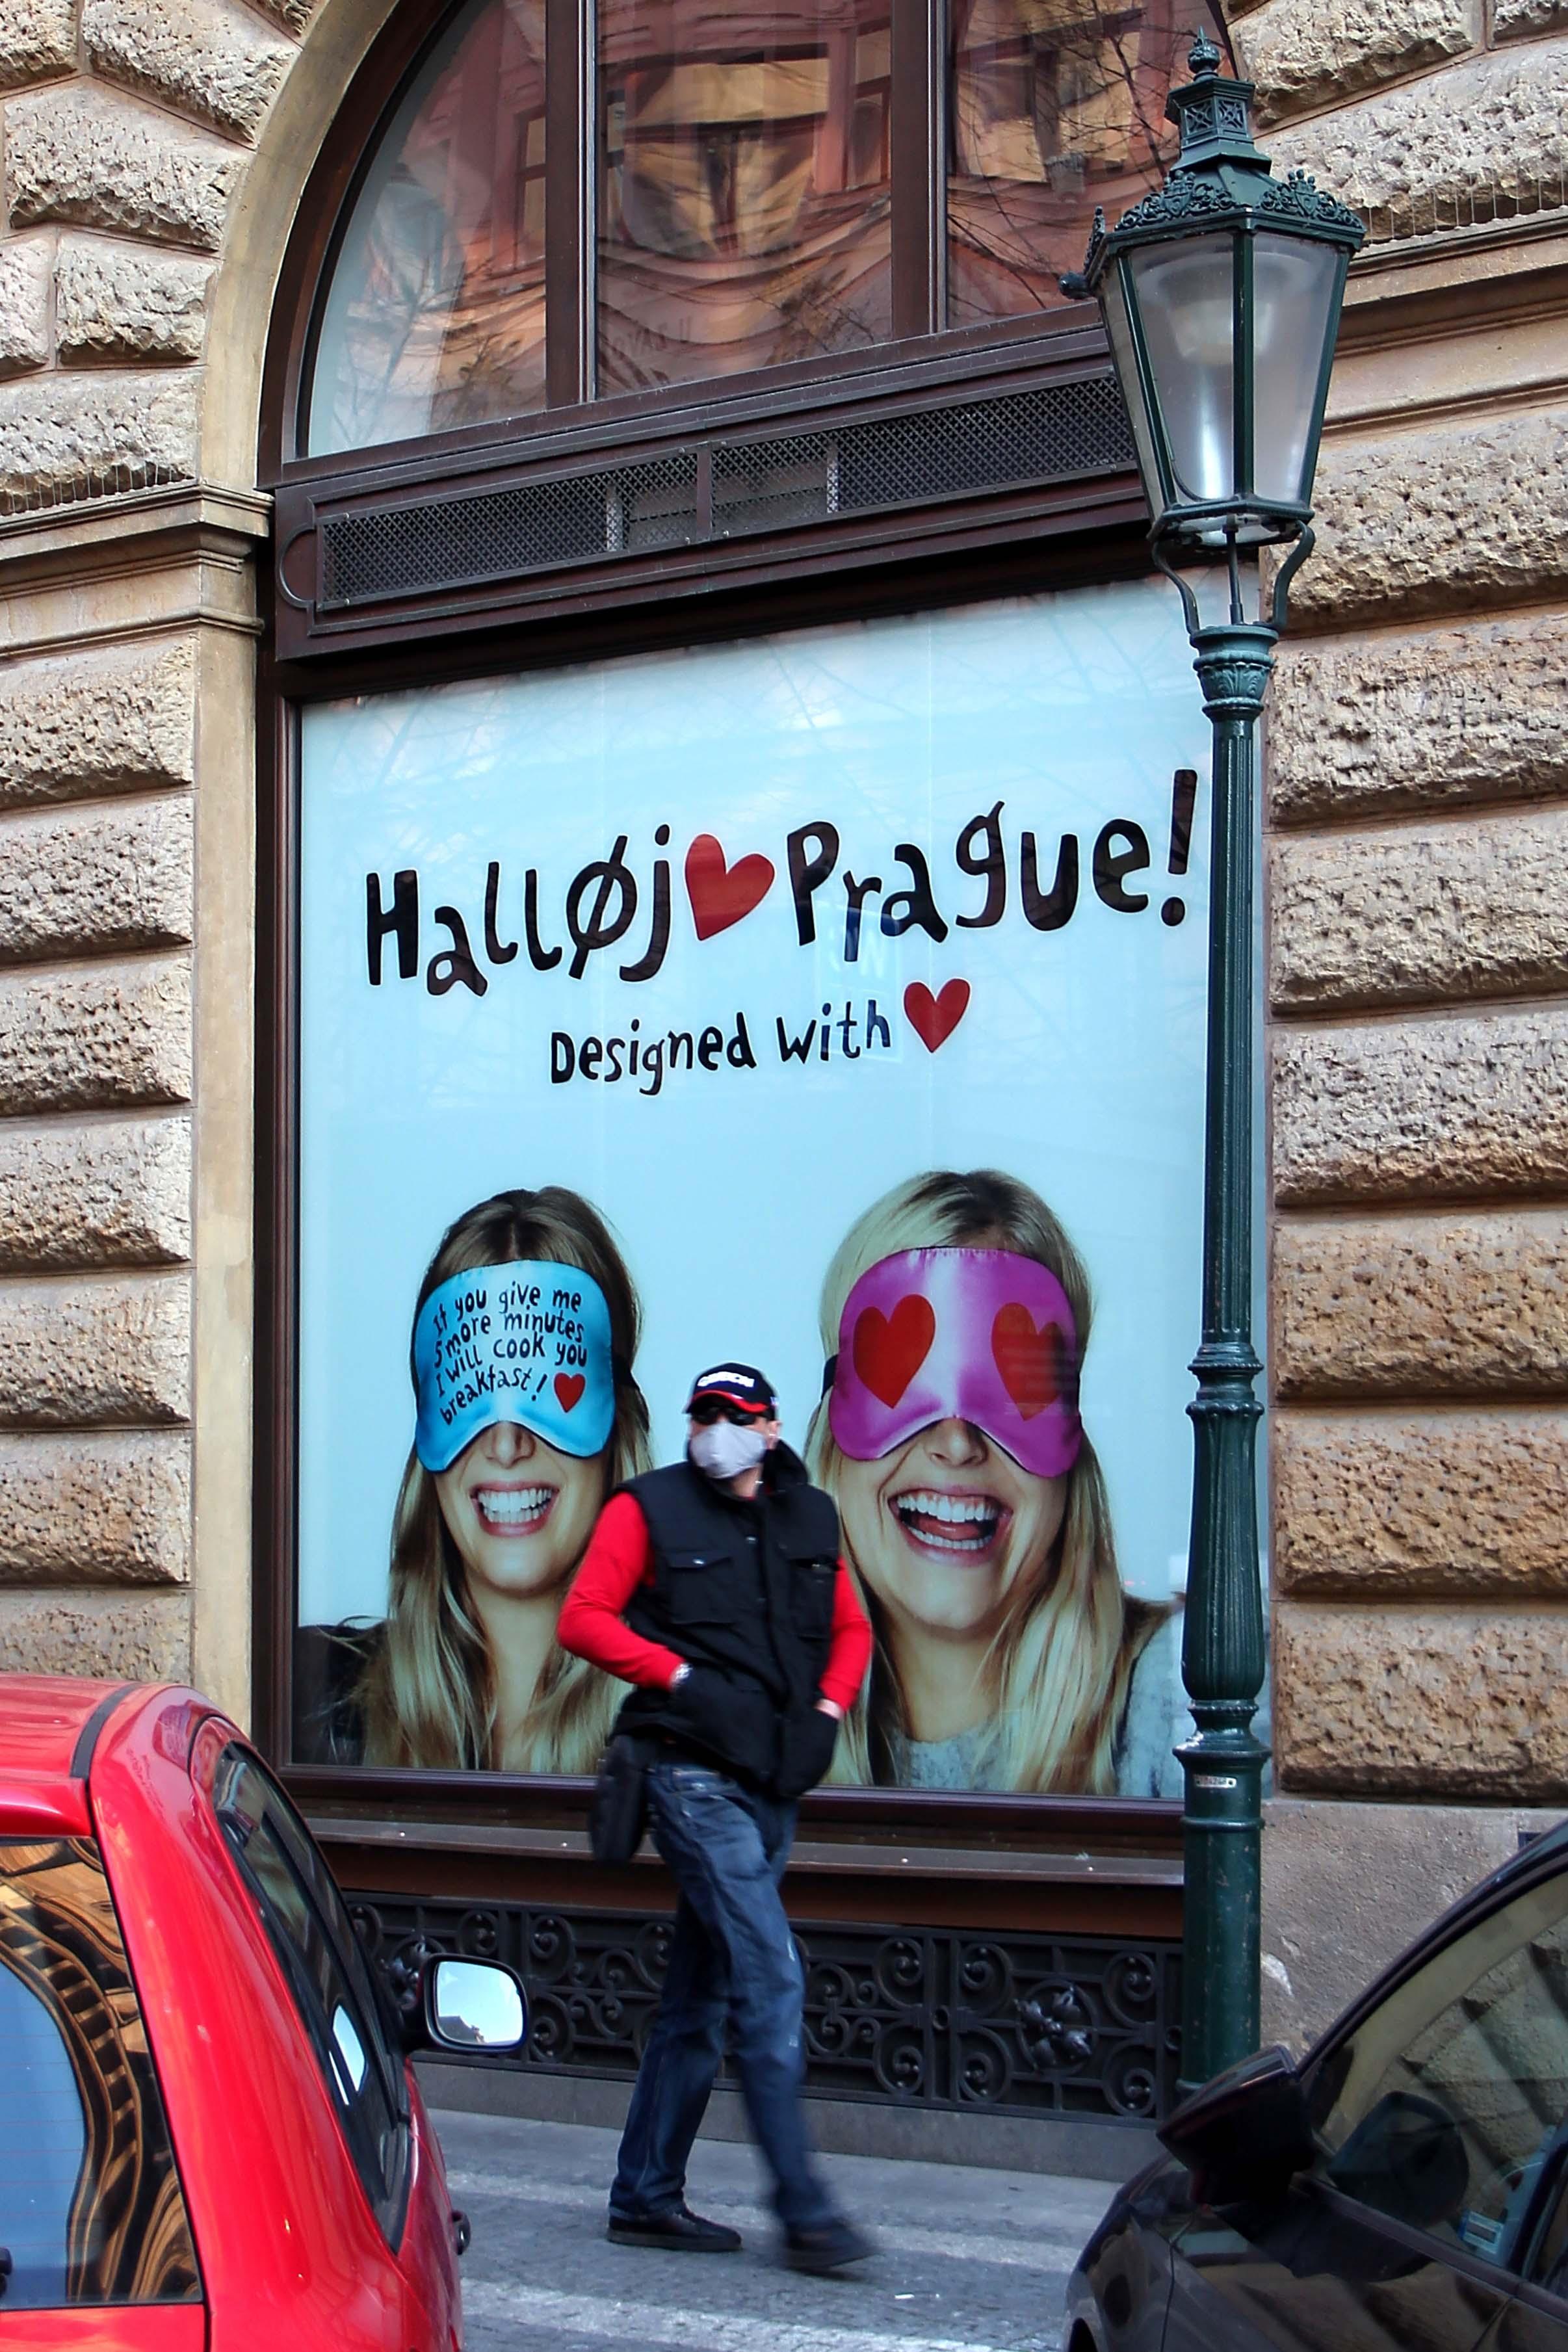 Martin Braun – Kdepak dámy, podle poslední módy se ty roušky teď v Praze nosí úplně jinak